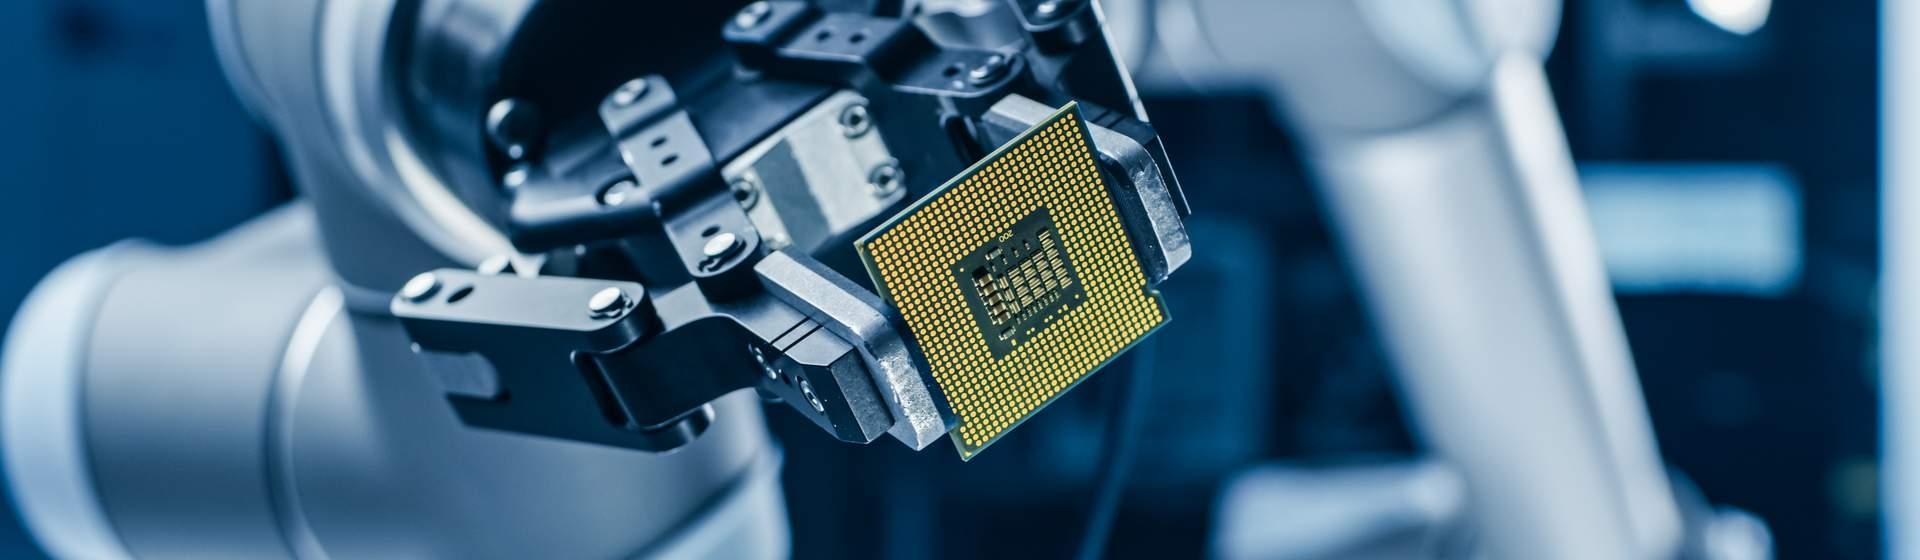 Intel HD Graphics: o que é e quais modelos existem? Vale a pena?